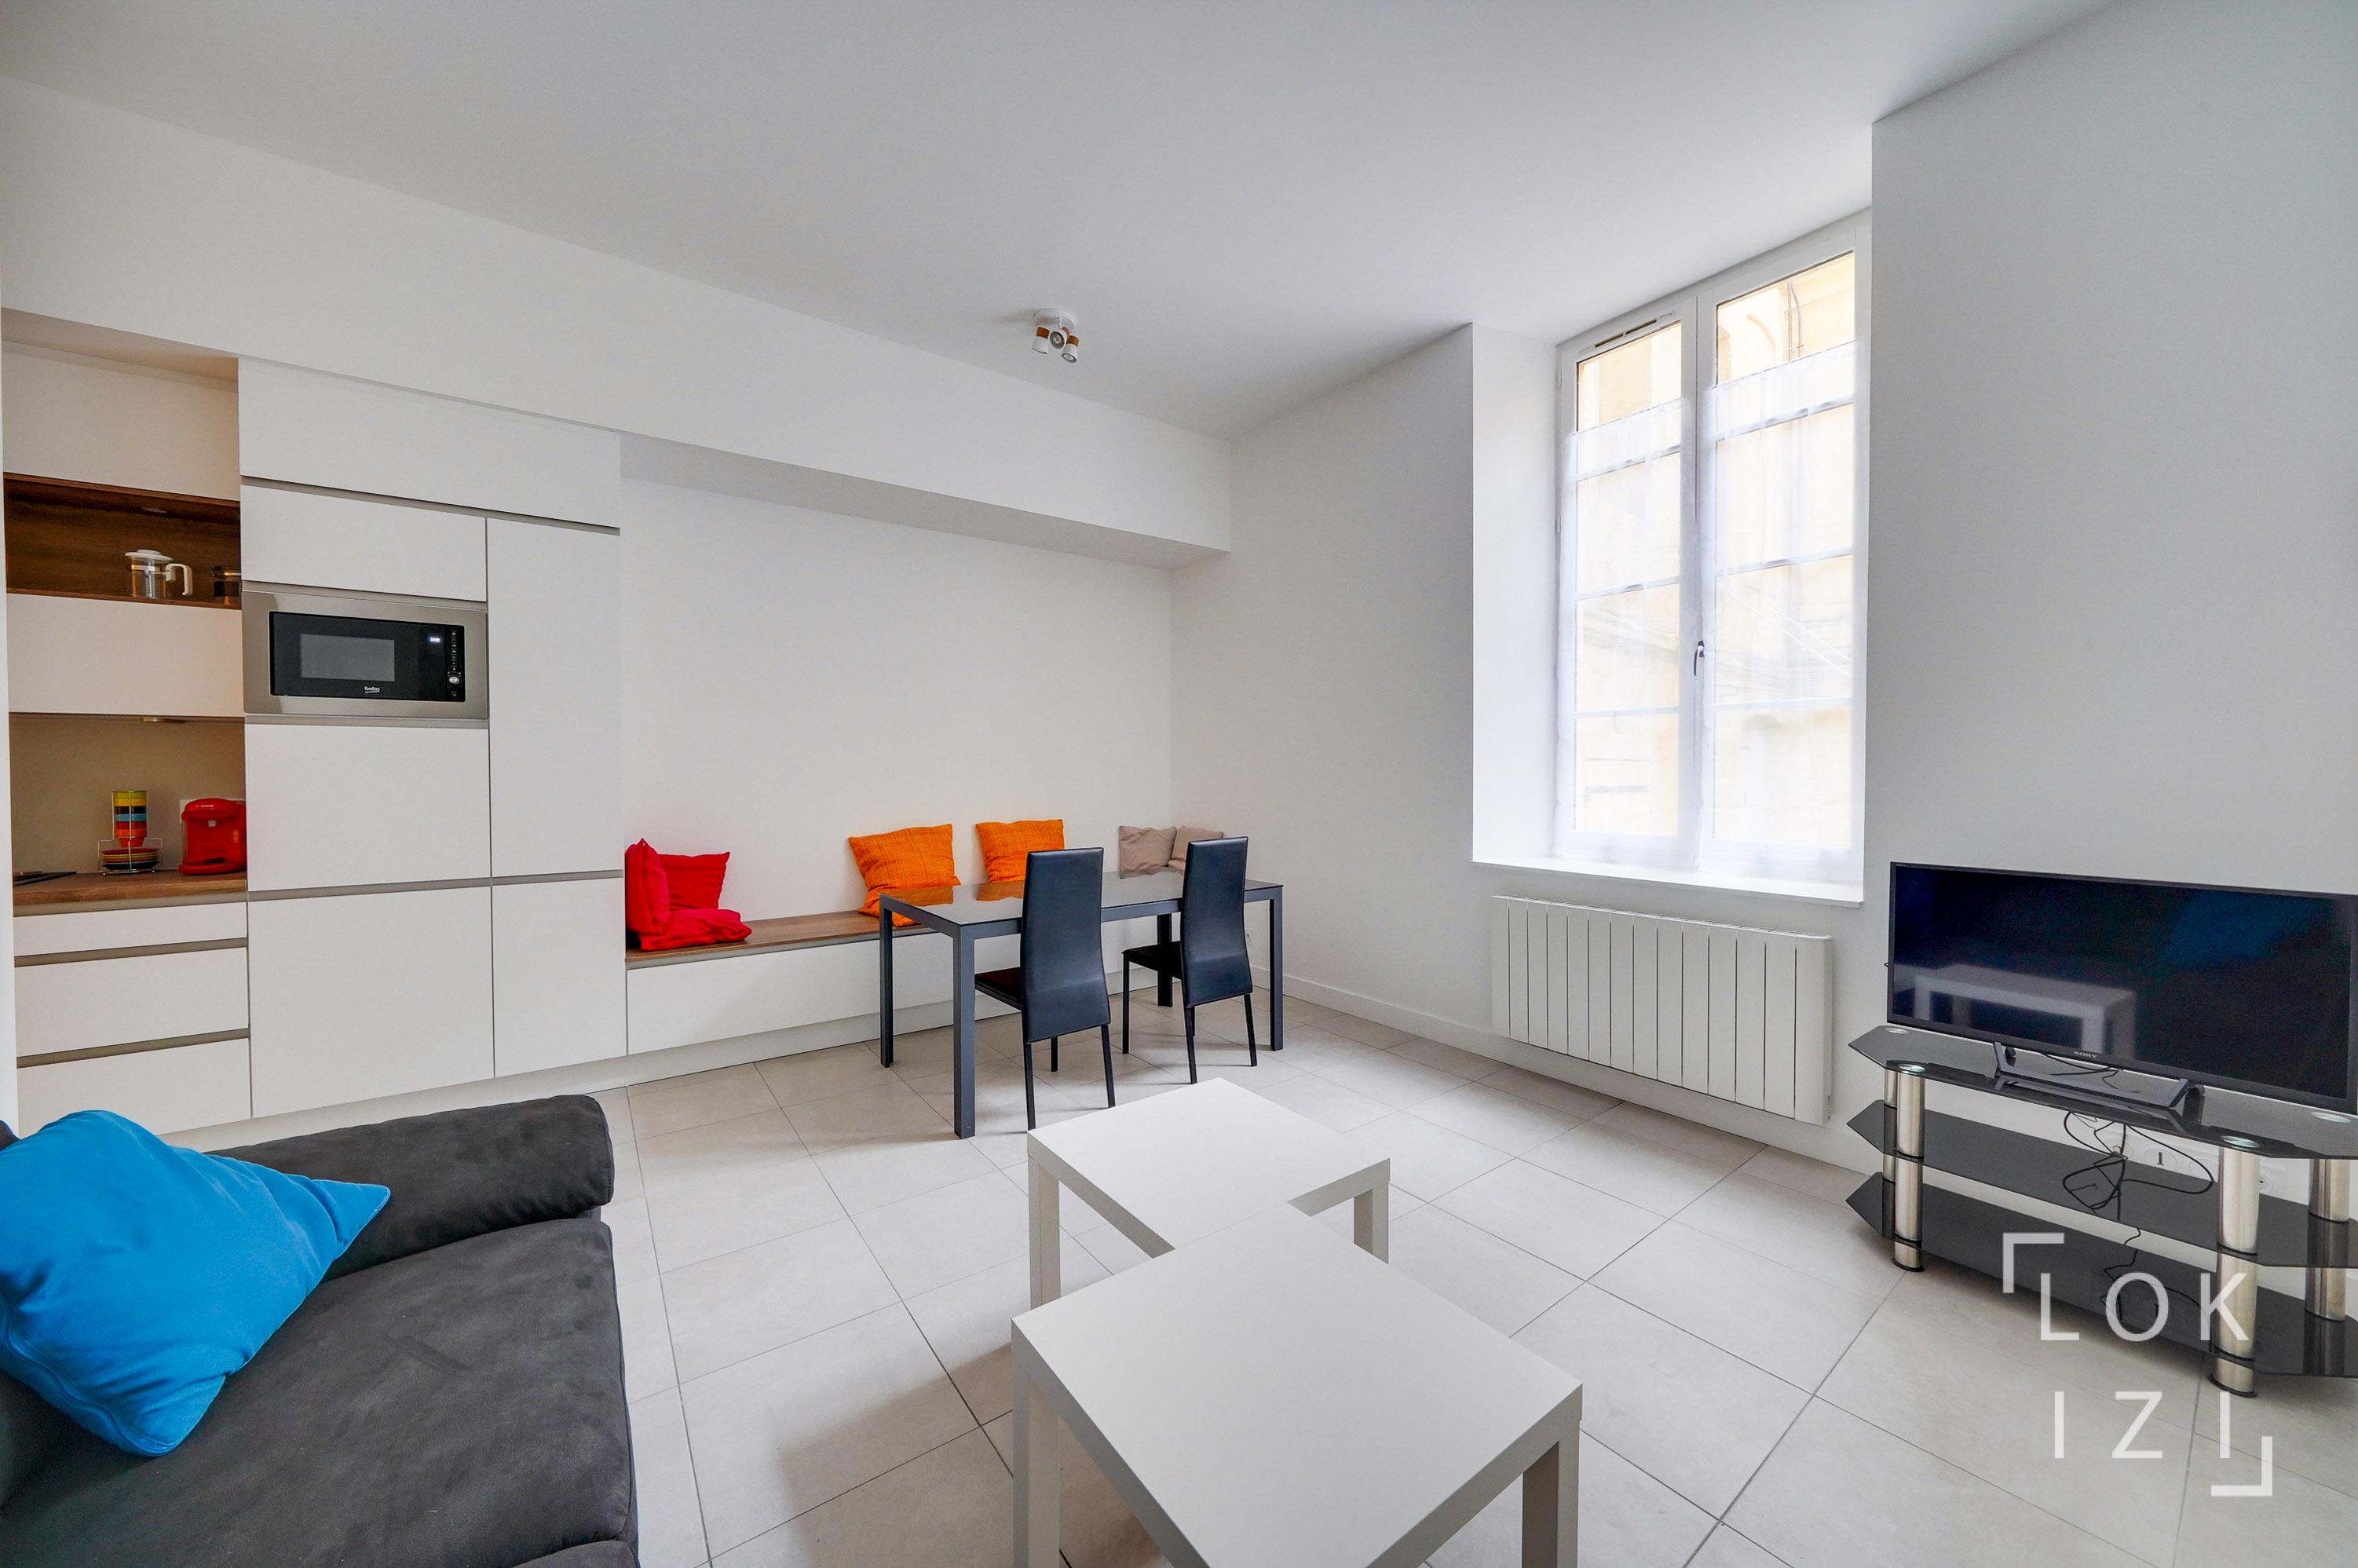 Location Appartement Meublé 2 Chambres 54M² (Bordeaux à Sci Familiale Location Meublée